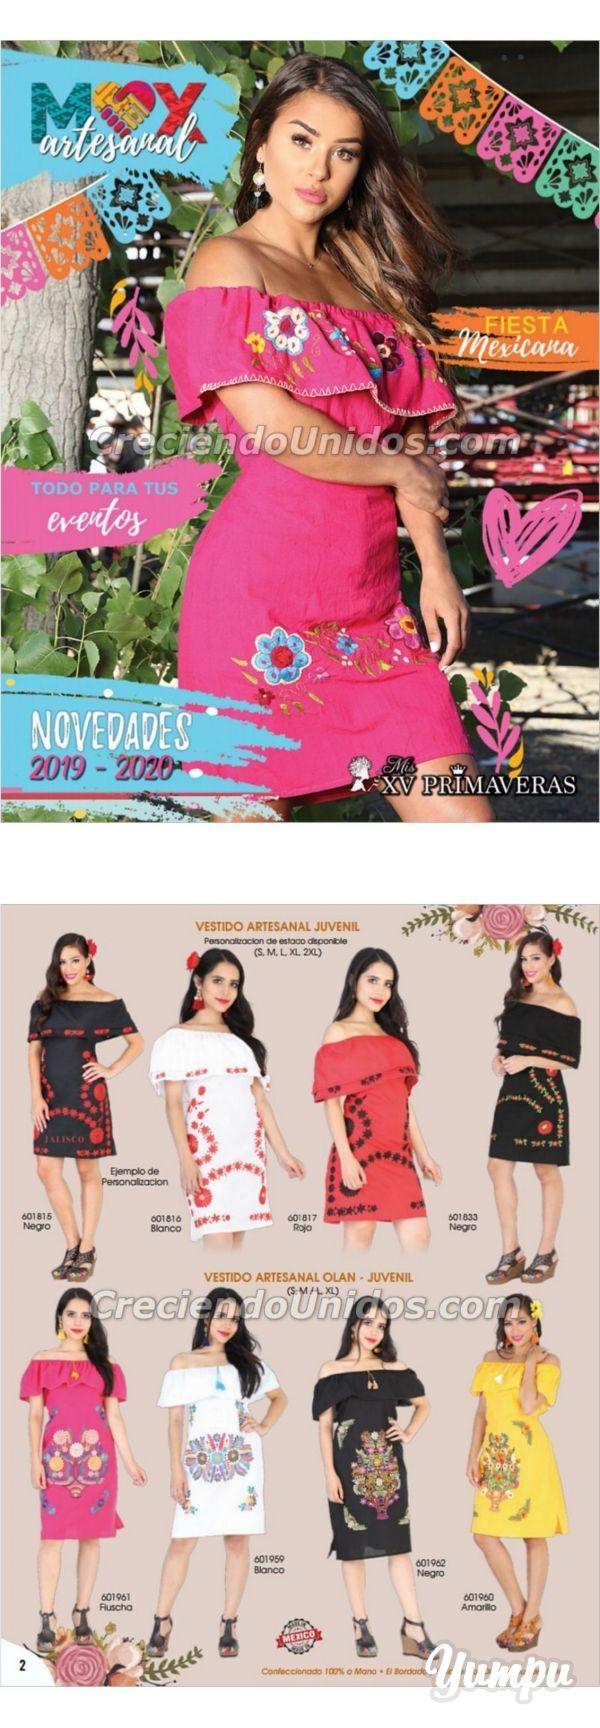 701 Mexico Artesanal Catalogo O I 2019 Precios De Mayoreo En Usa Magazine With 136 Pages Mas Traje Tipico De Chiapas Traje Tipico De Oaxaca Blusa Artesanal